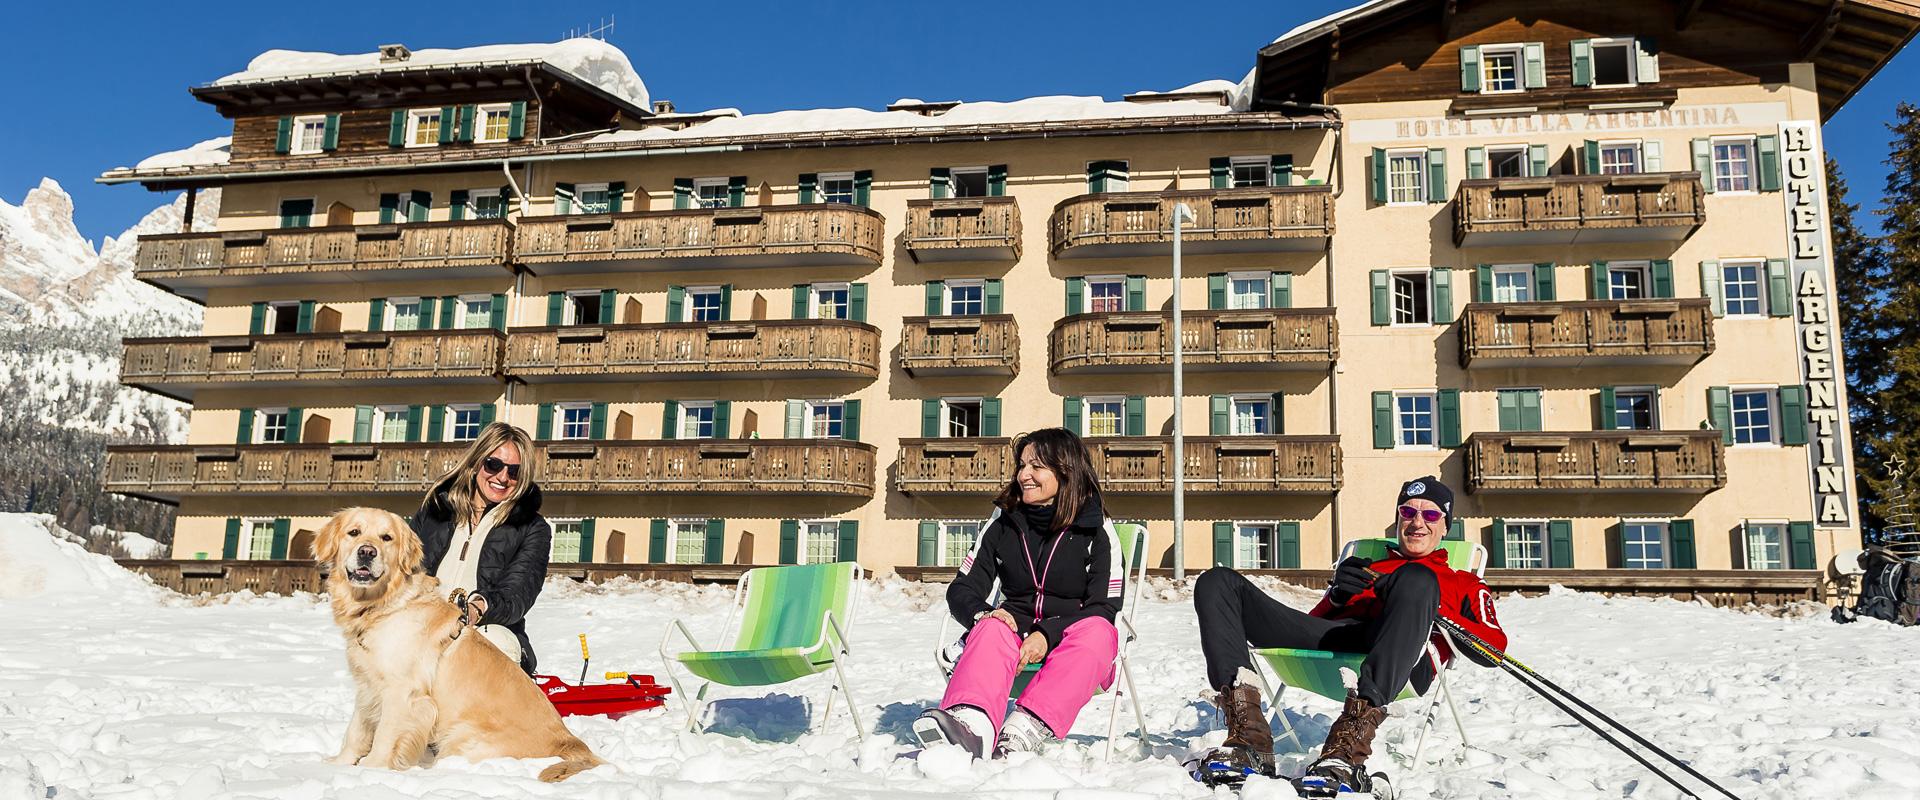 HotelVillaArgentina_3_Bandi